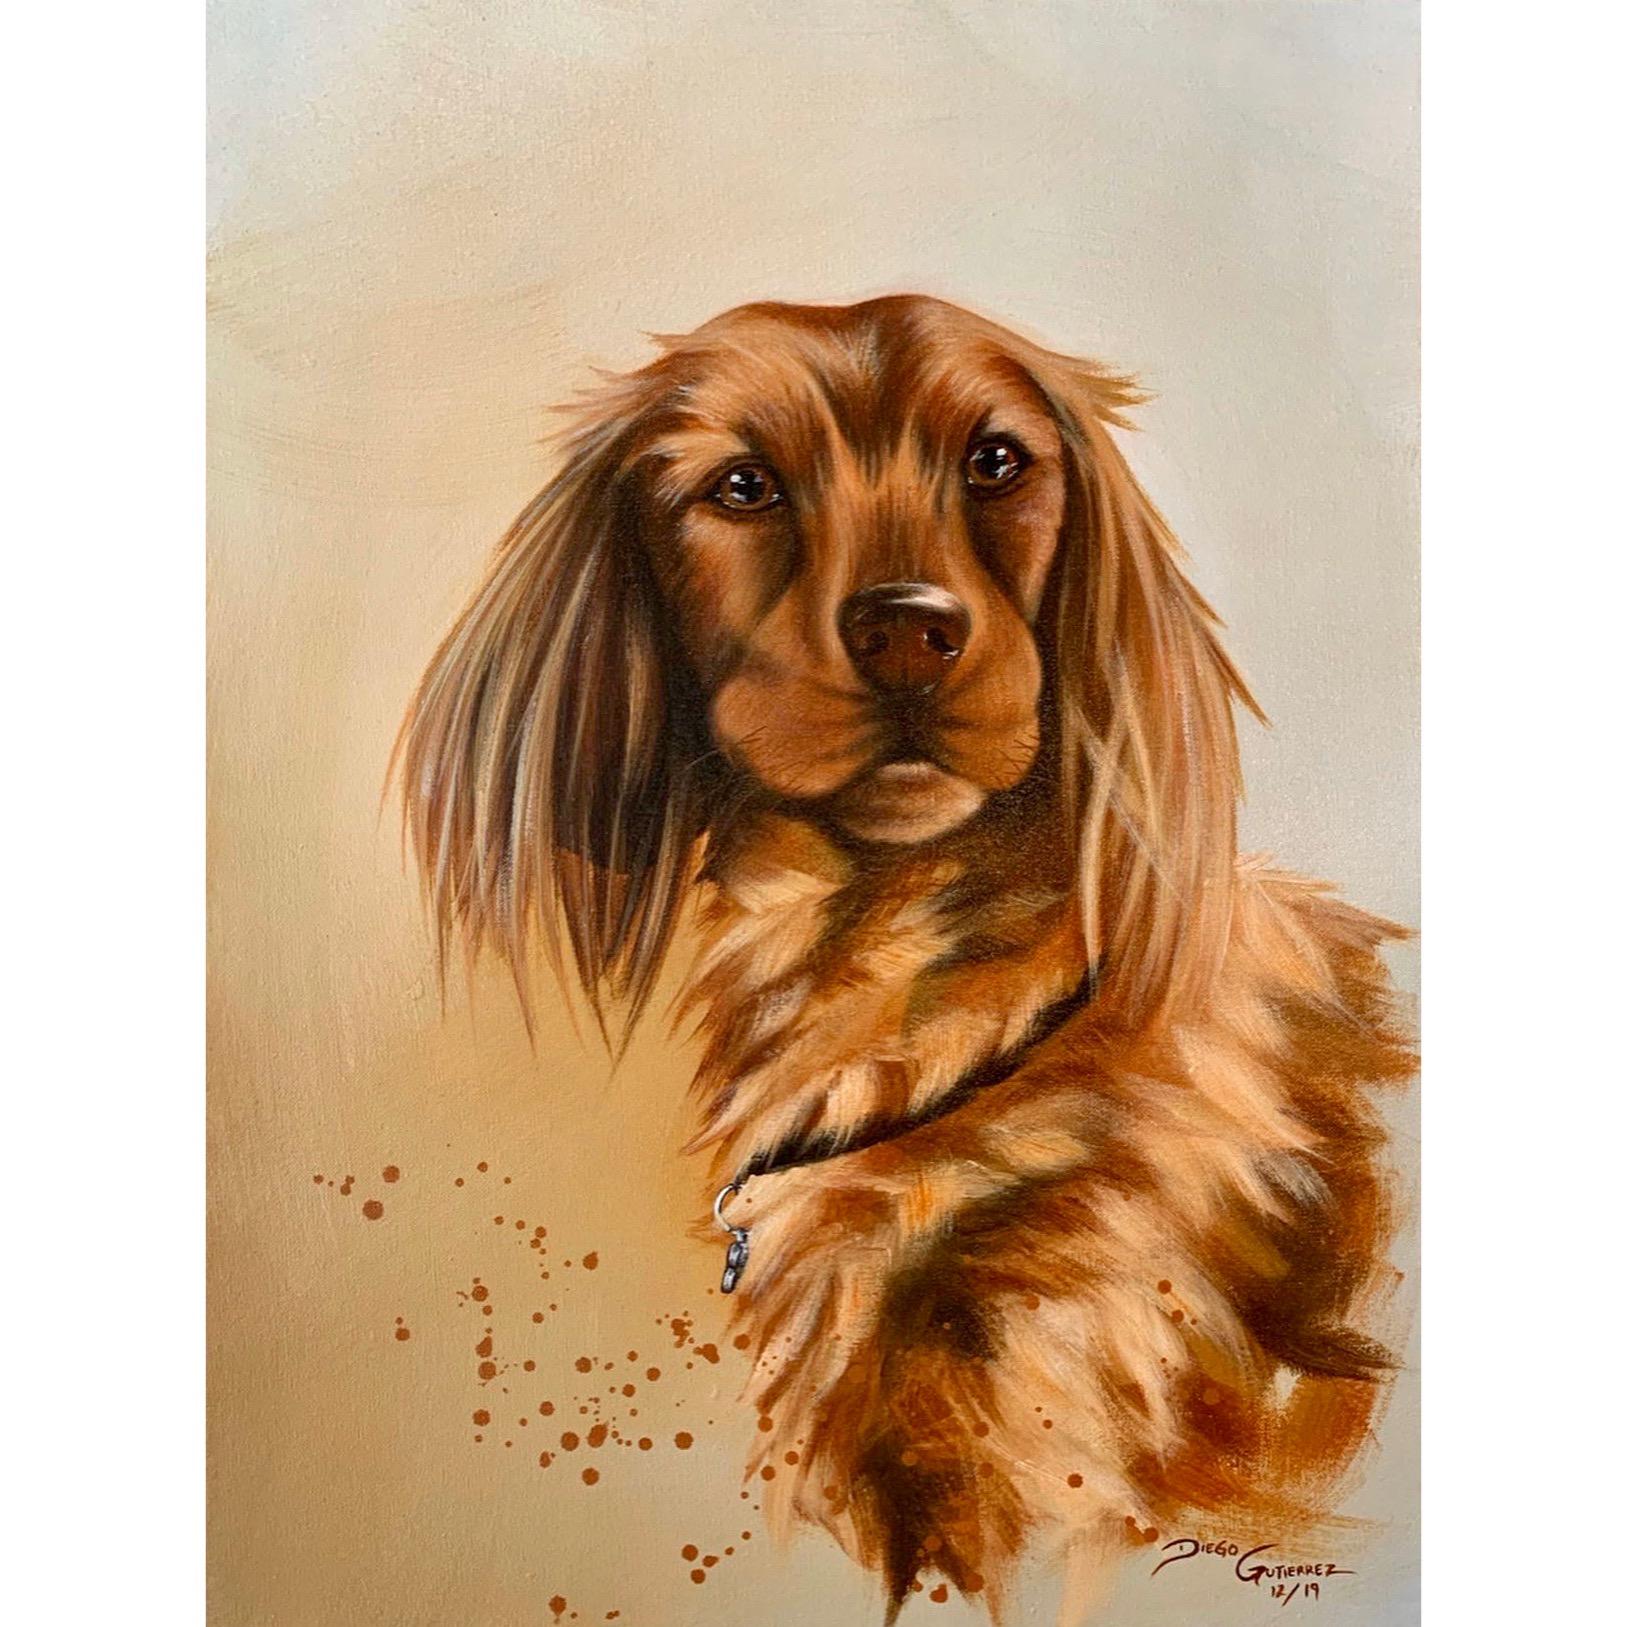 diego-gutierrez-gallery-pets-niki-01